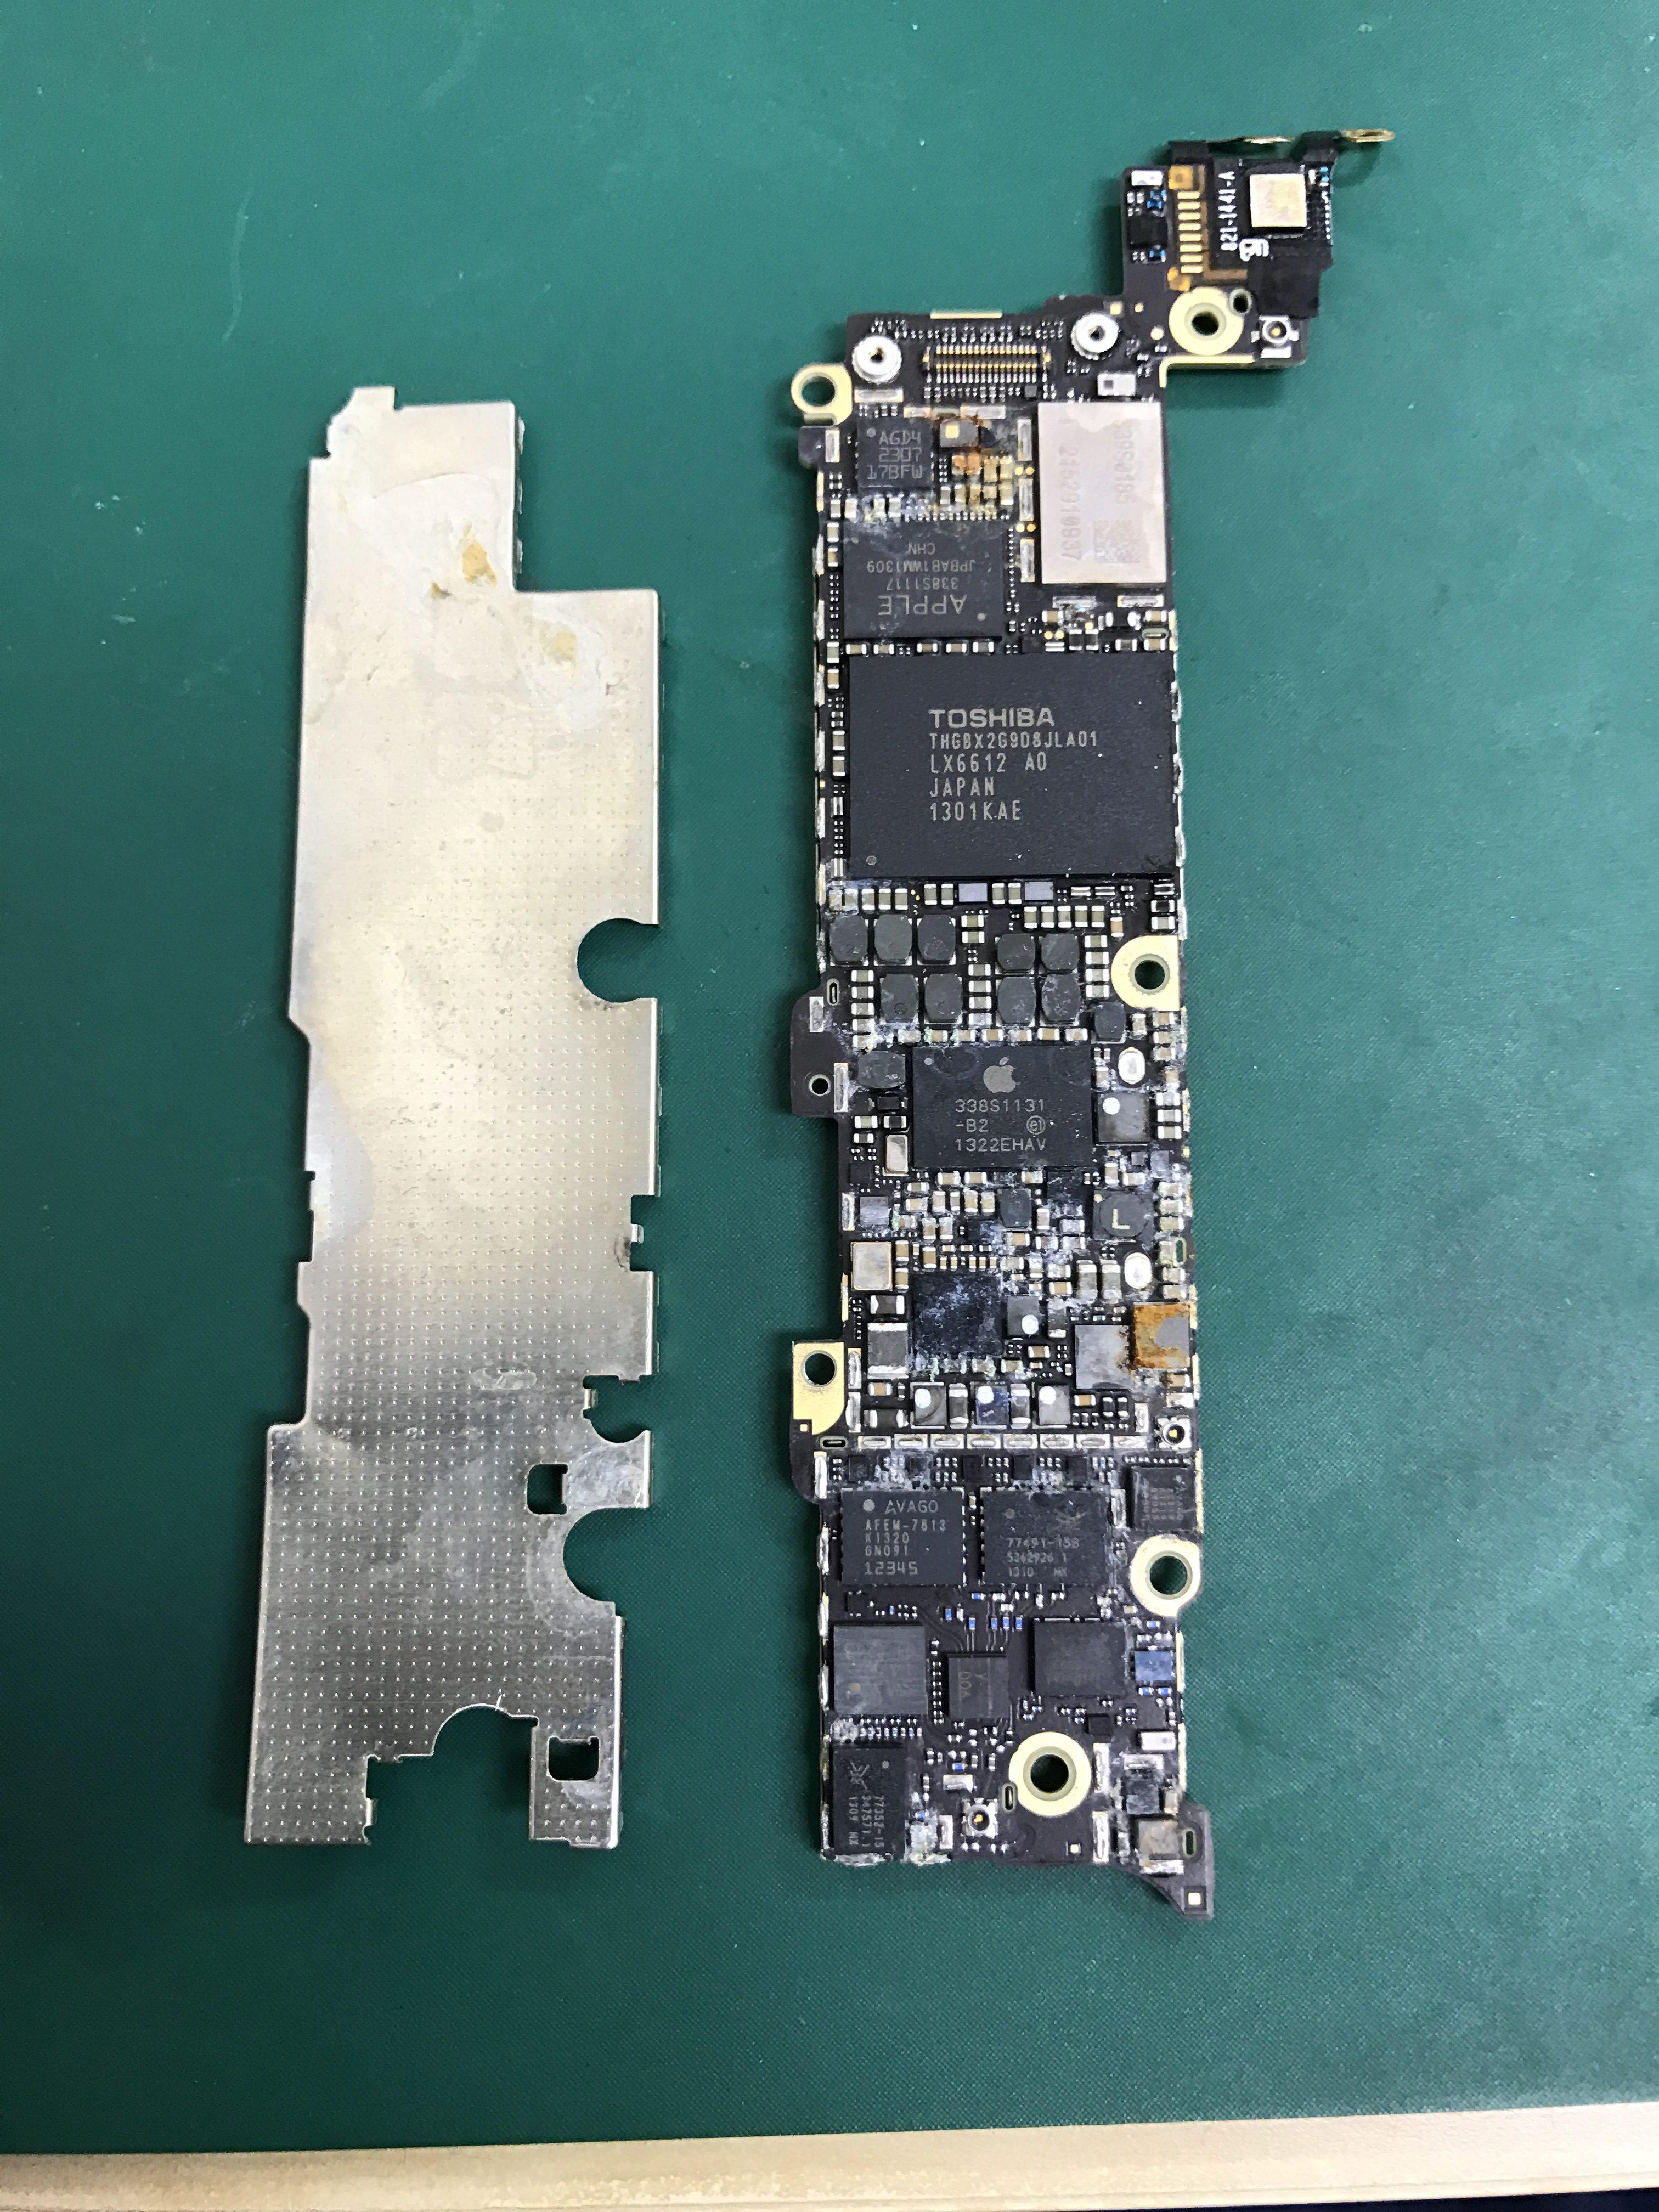 iPhoneの水没修理でプレートを外した画像